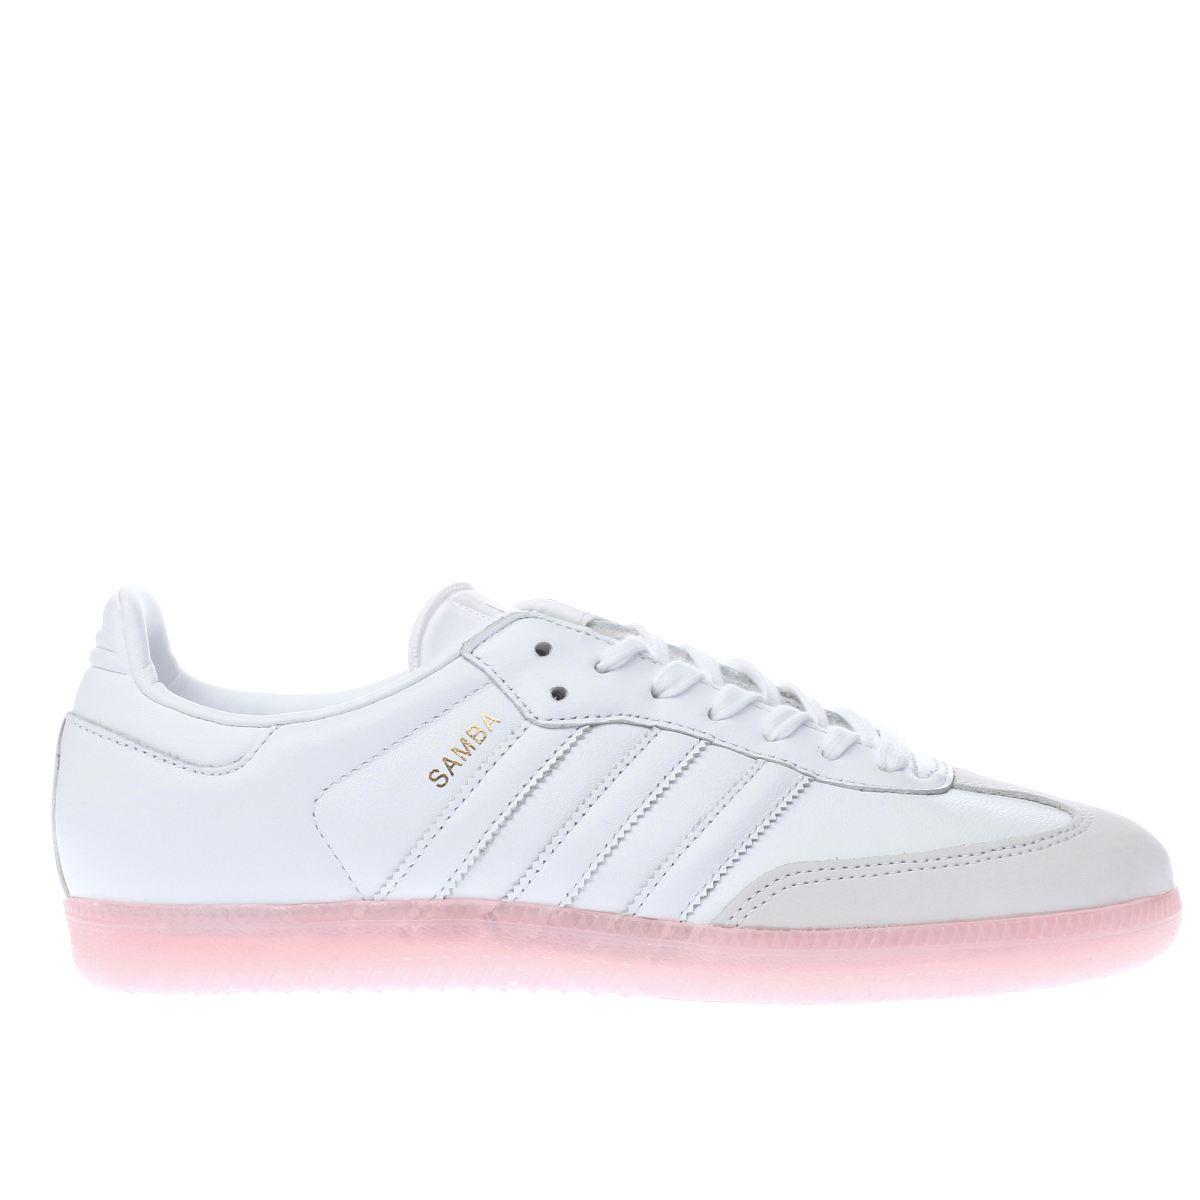 adidas white & pink samba trainers